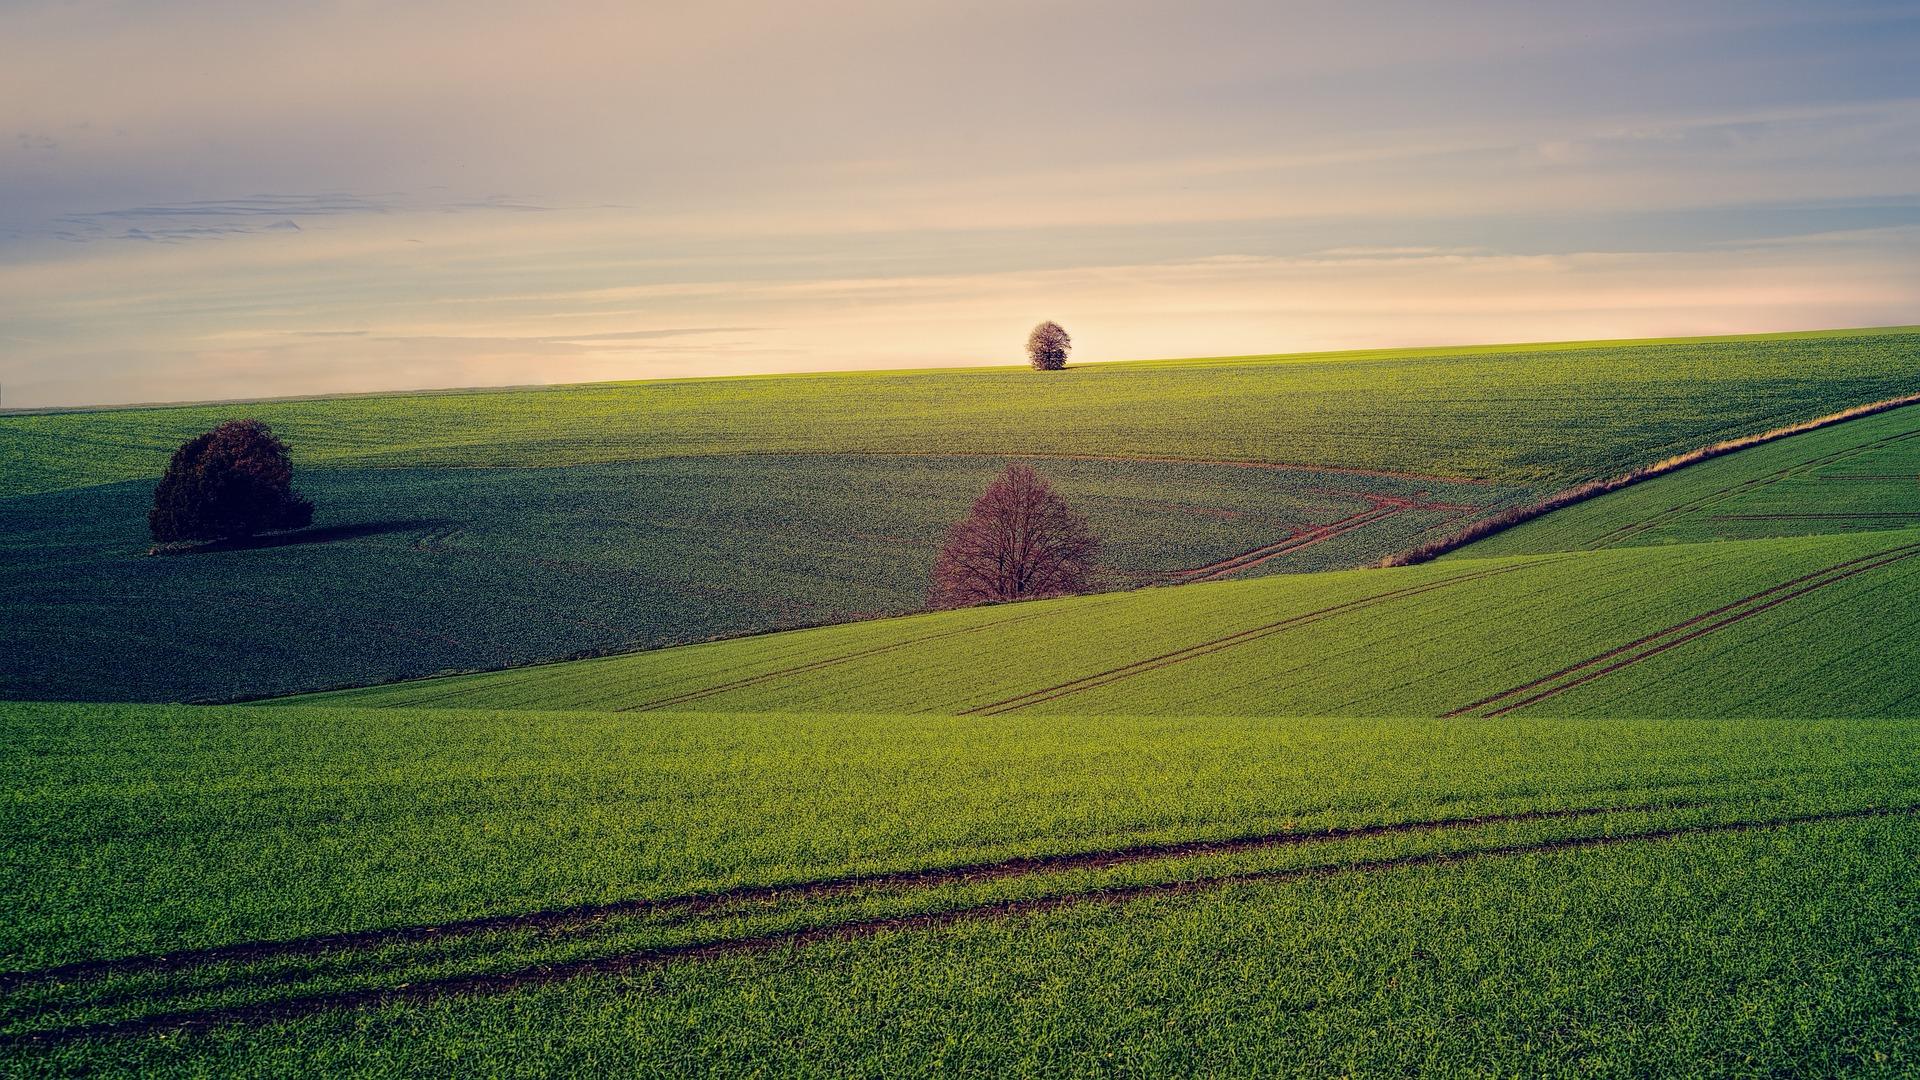 Grundstücksbewertung von einen großen Stück Land